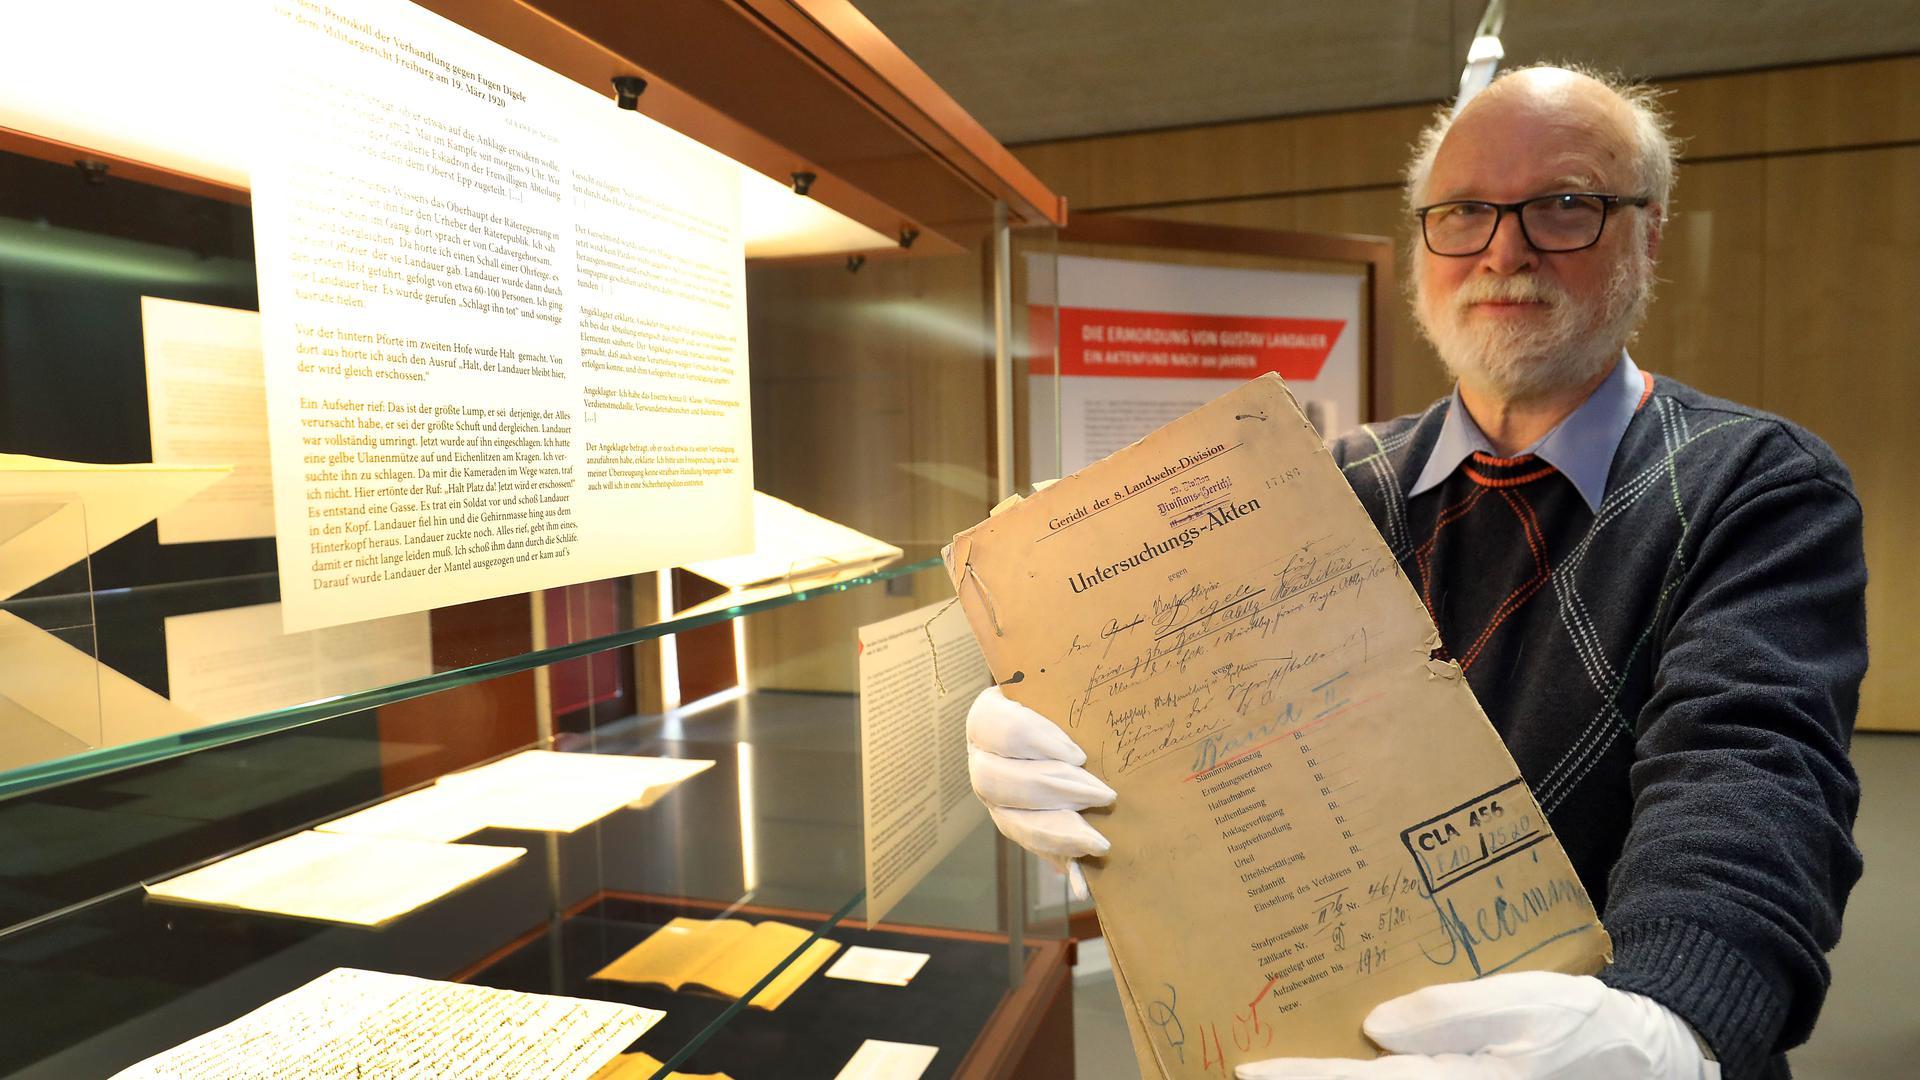 Der Entdecker: Beim Sichten der insgesamt 1,2 Kilometer langen Aktenregale fielen Archivmitarbeiter Manfred Hennhöfer die entscheidenden Dokumente auf.